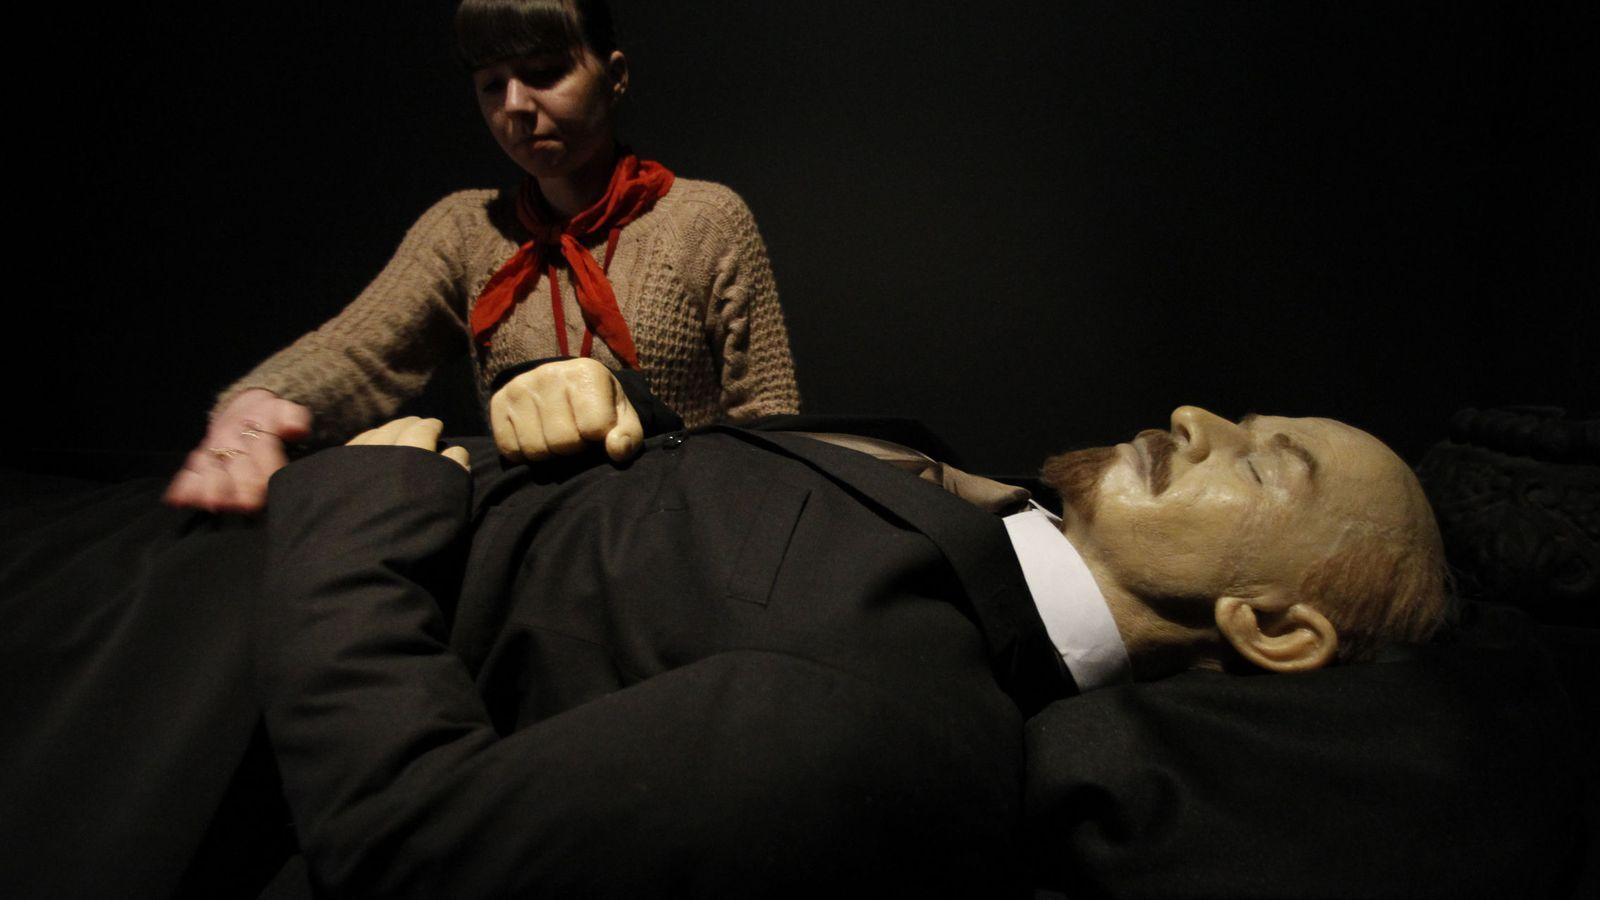 Noticias de Rusia: ¿Qué hacemos con la momia de Lenin